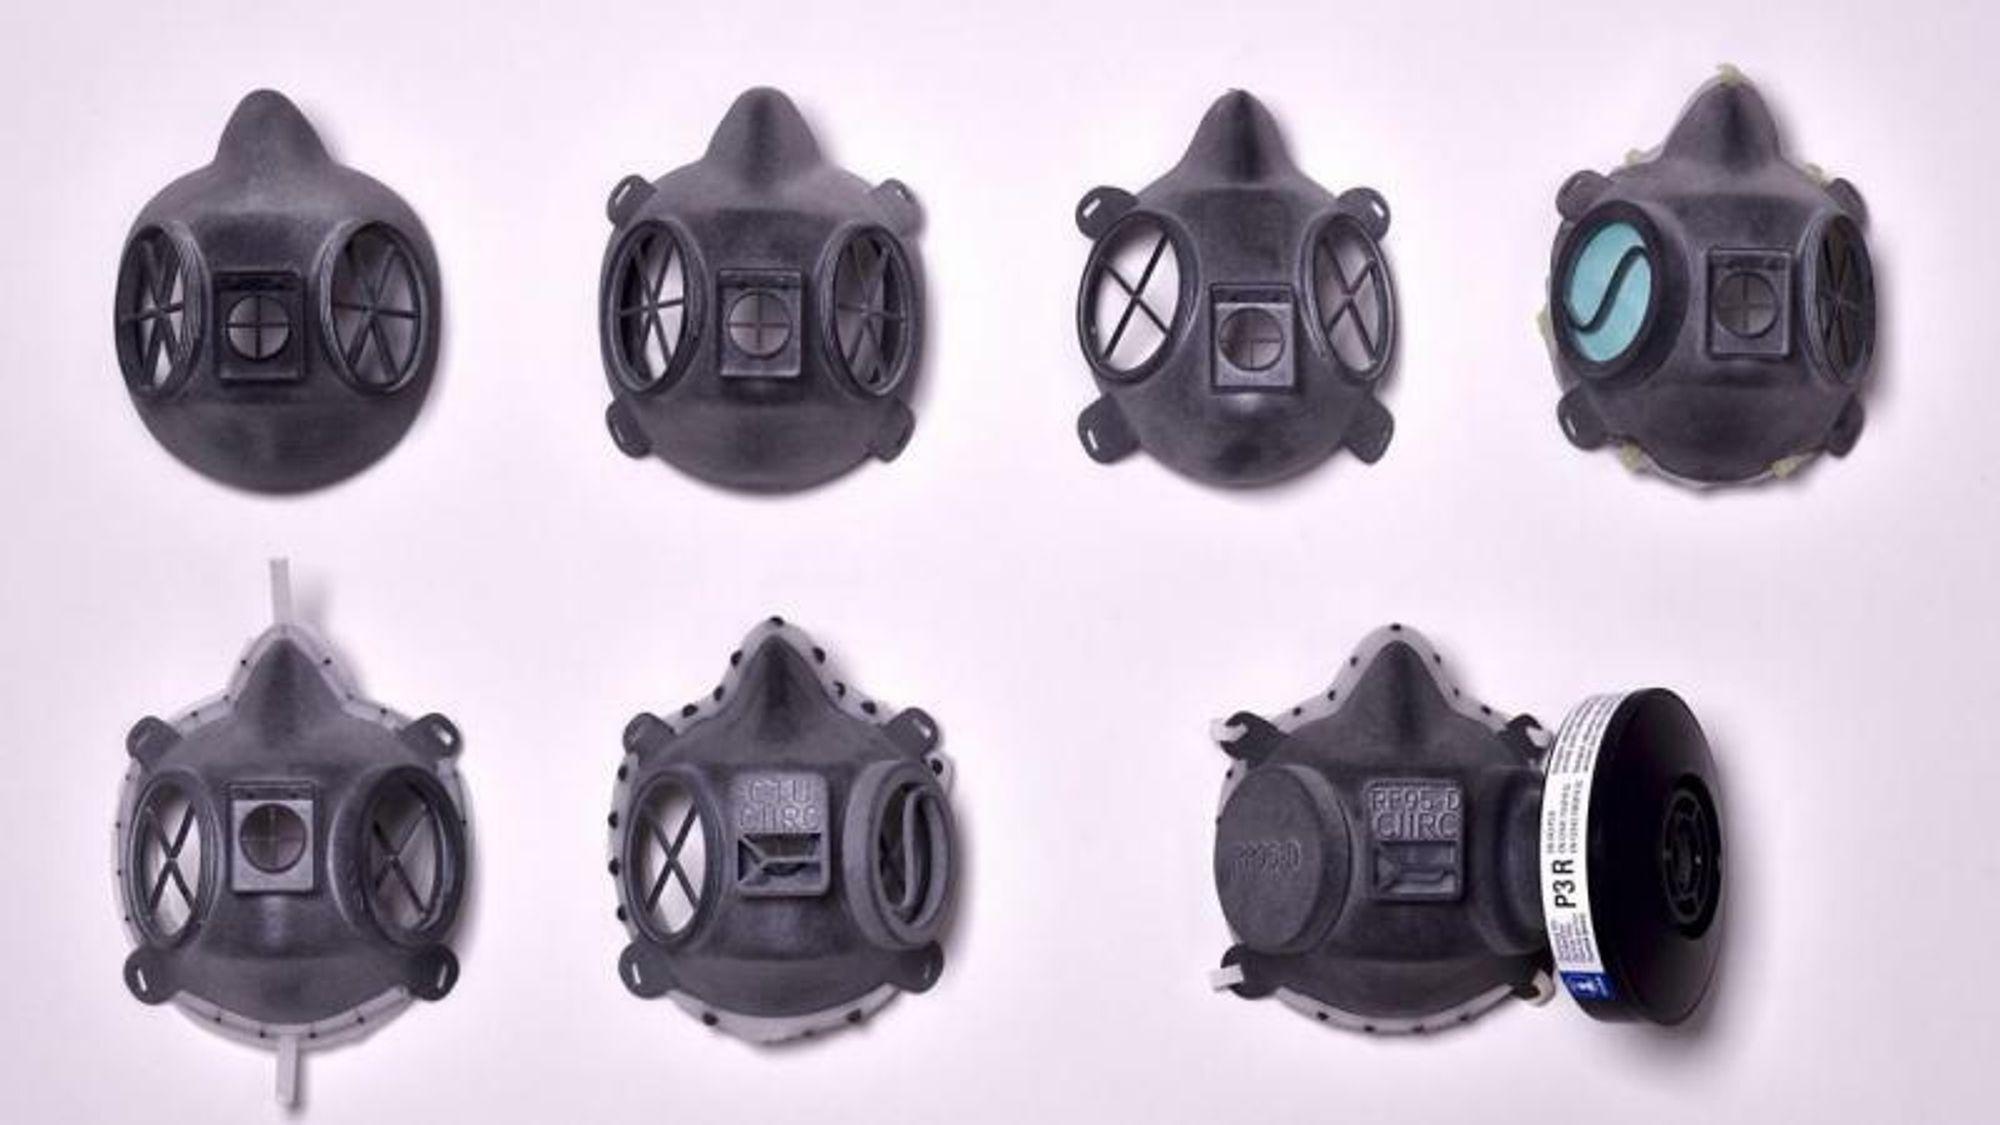 Opphavsrett kan bli en utfordring dersom opphavsrettsbeskyttet utstyr blir 3D-printet i stort antall, sier dansk forsker.